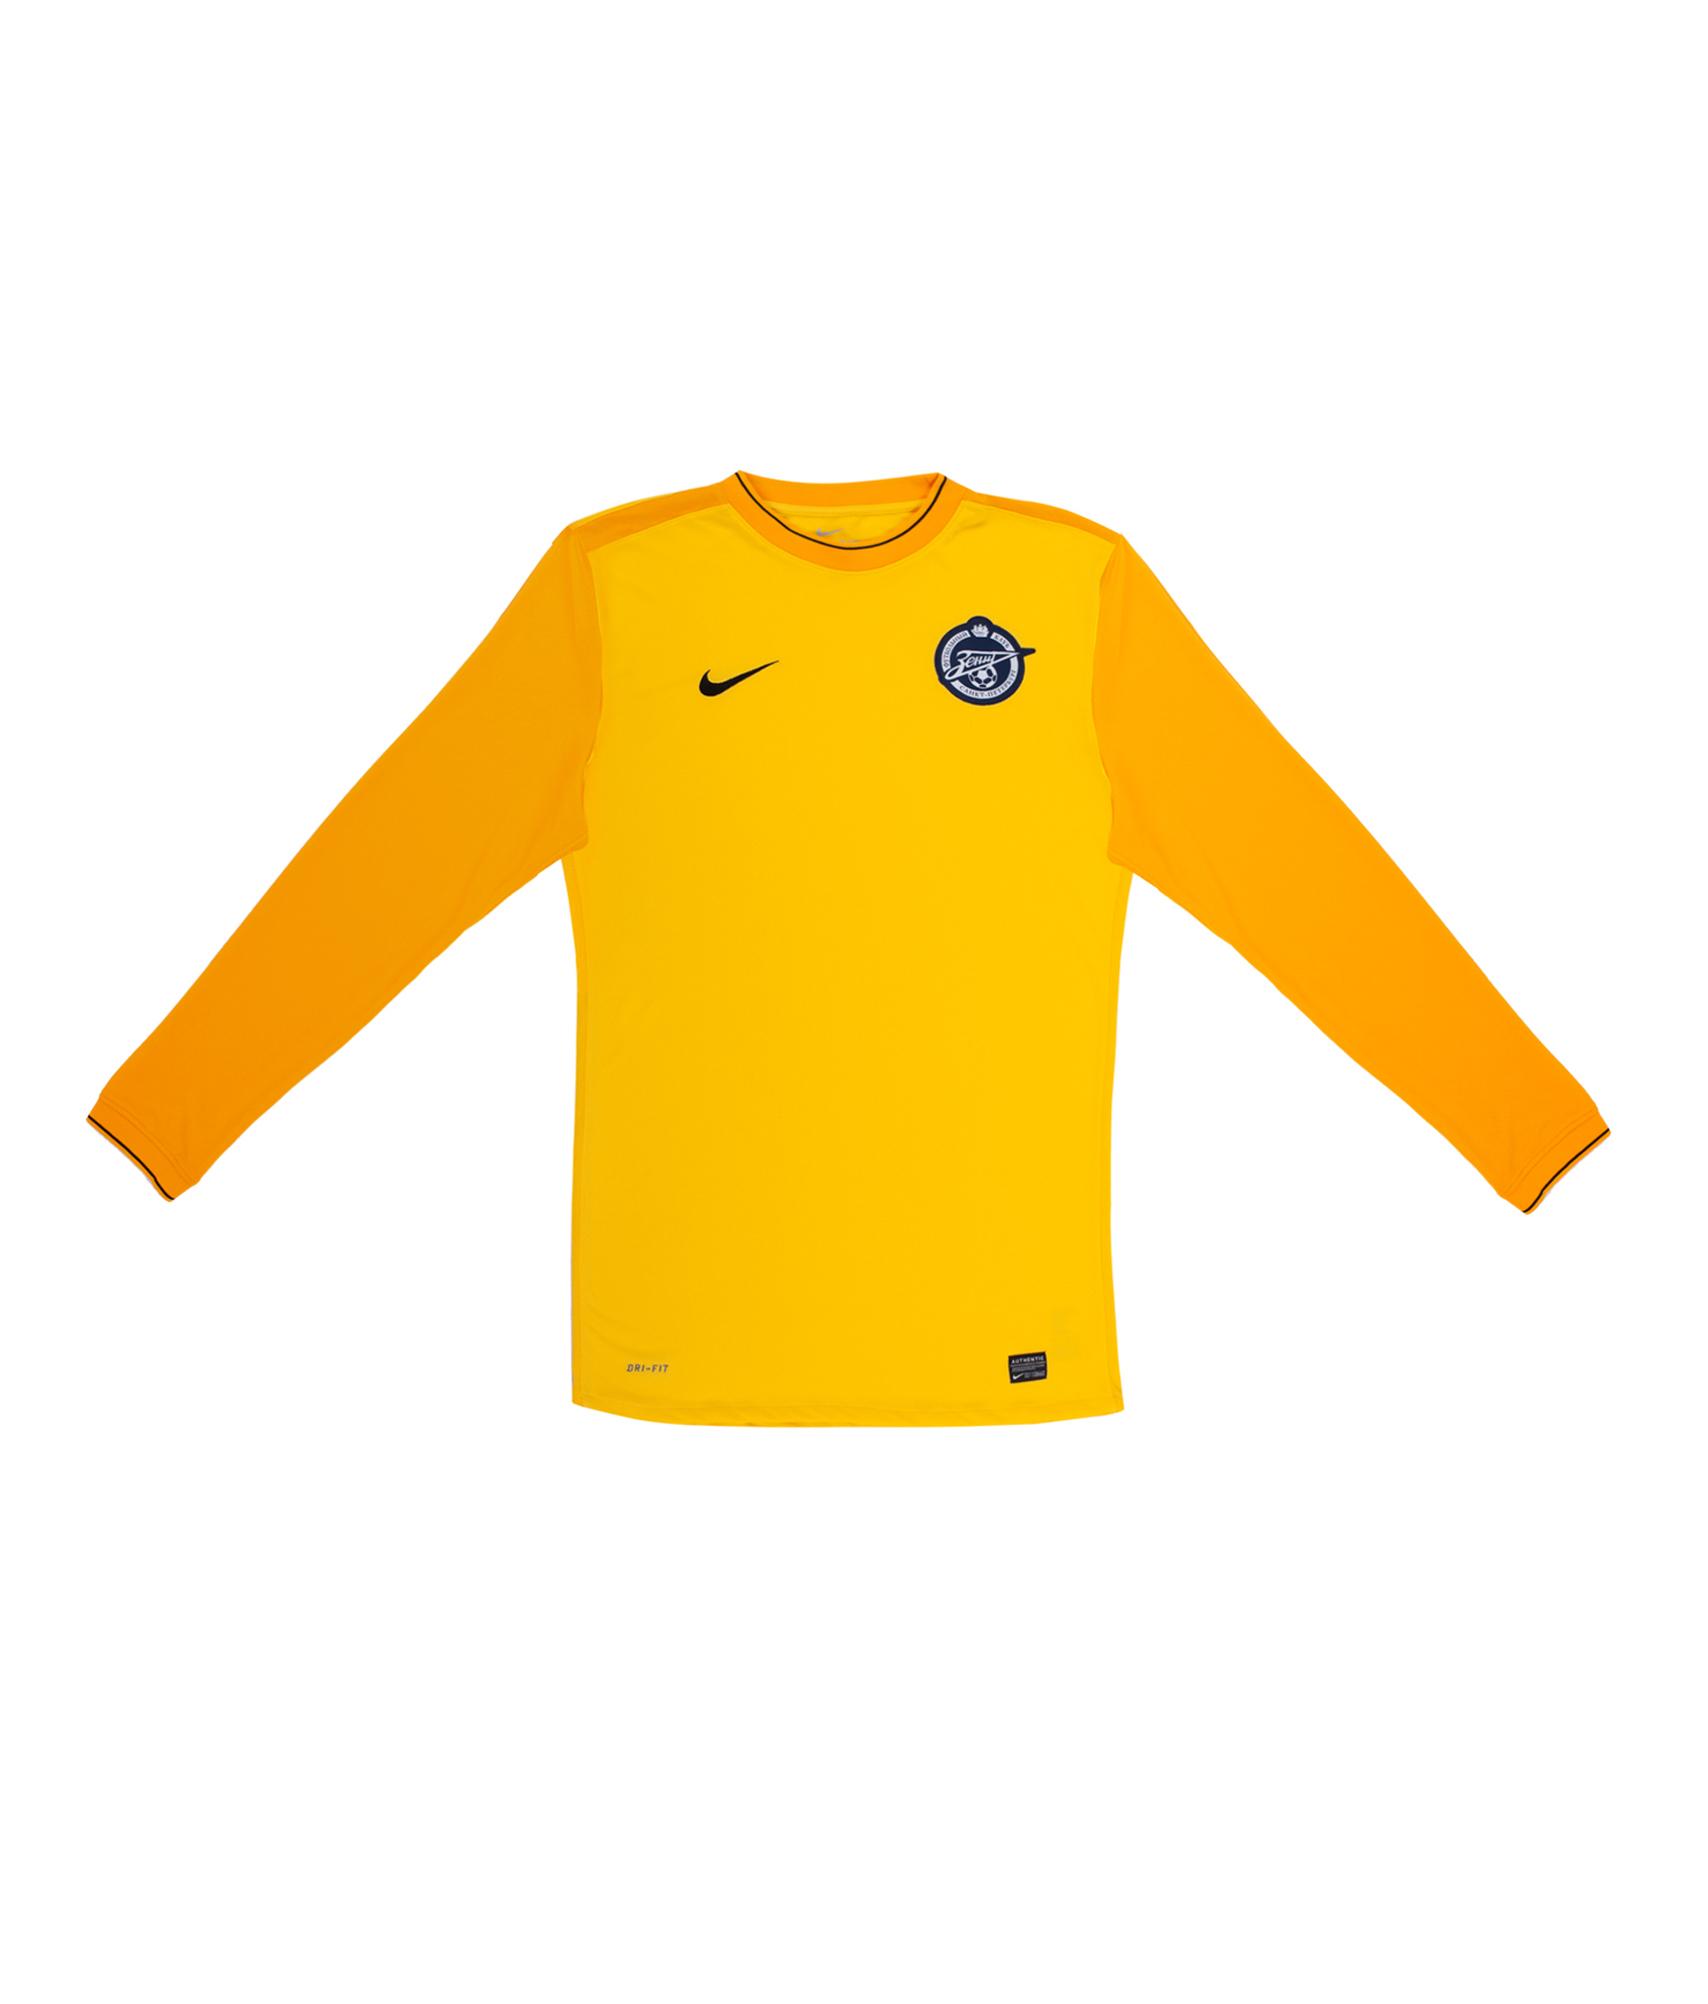 Футболка вратарская с длинным рукавом, Цвет-Желтый, Размер-XL